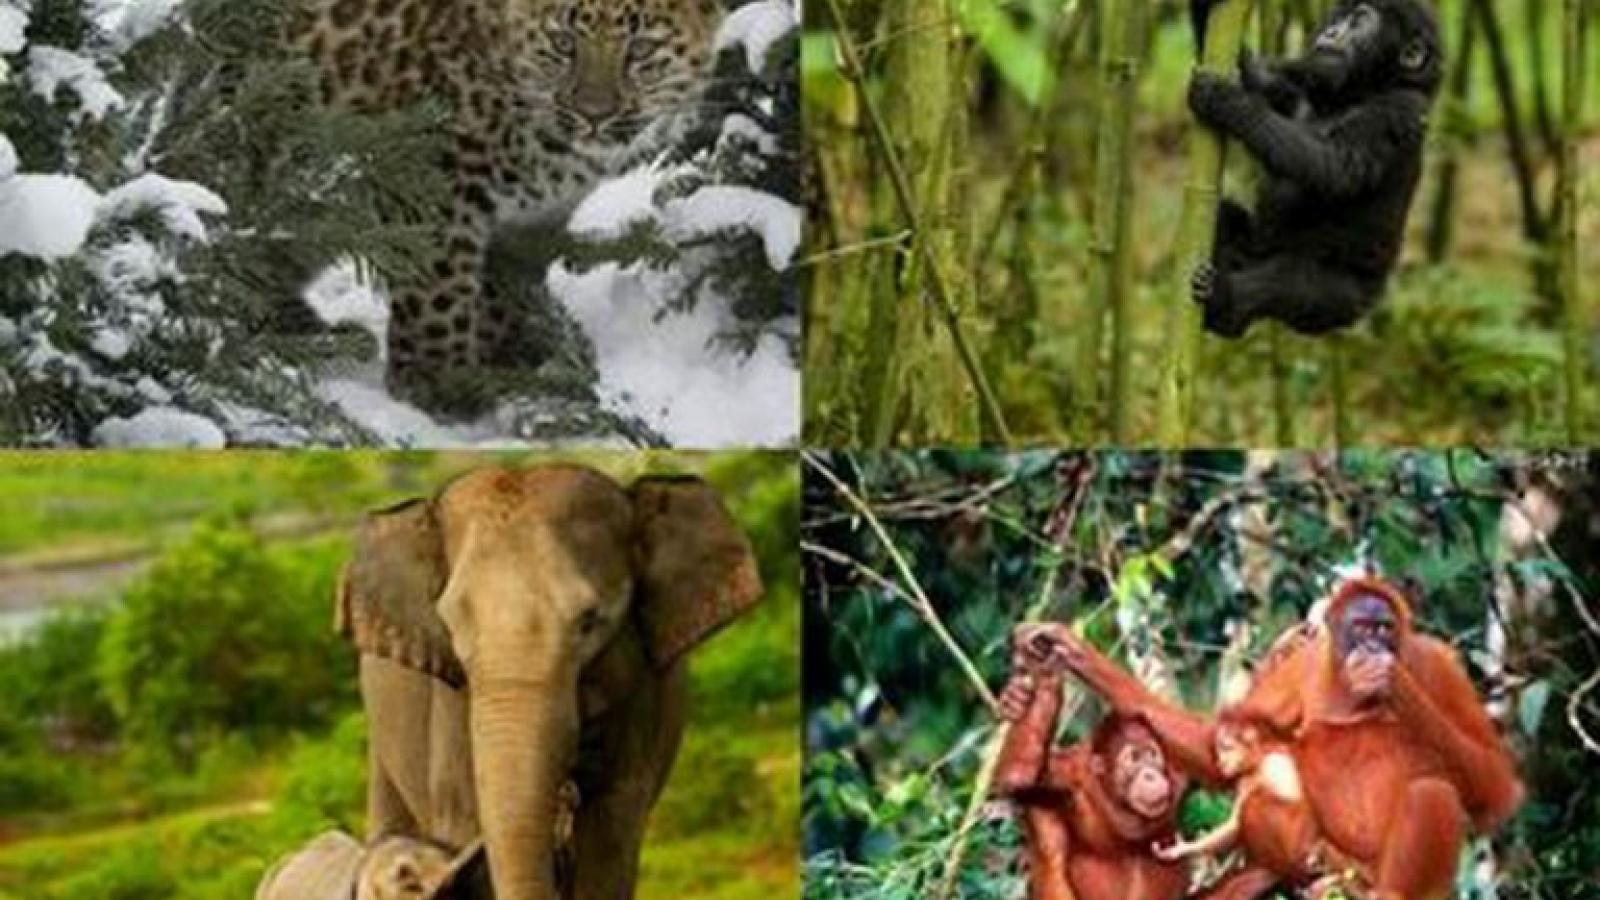 Vi phạm các quy định về bảo vệ động vật quý hiếm bị xử phạt thế nào?